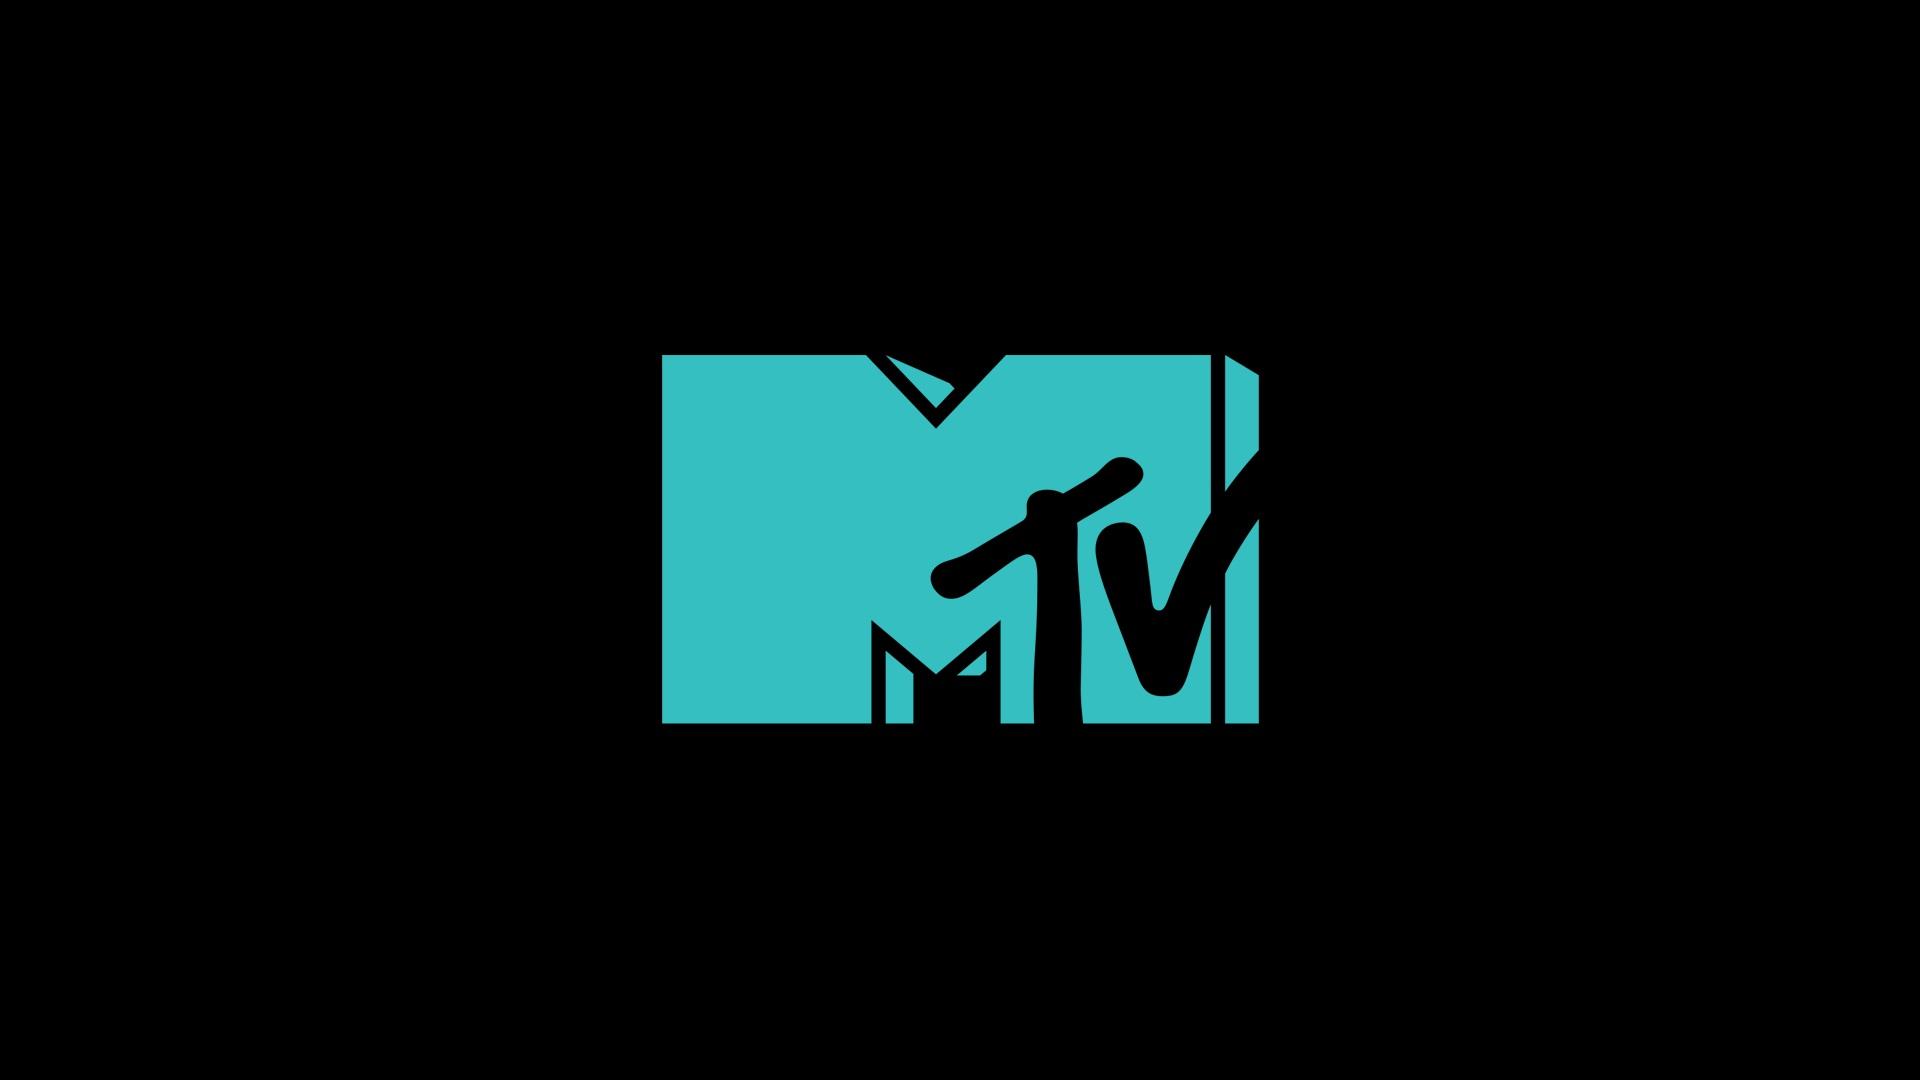 Gabbani Gabbani Gabbani Vestito Francesco Bambino Bambino Francesco Francesco Vestito Vestito Vestito Bambino Francesco Bambino N8m0nw